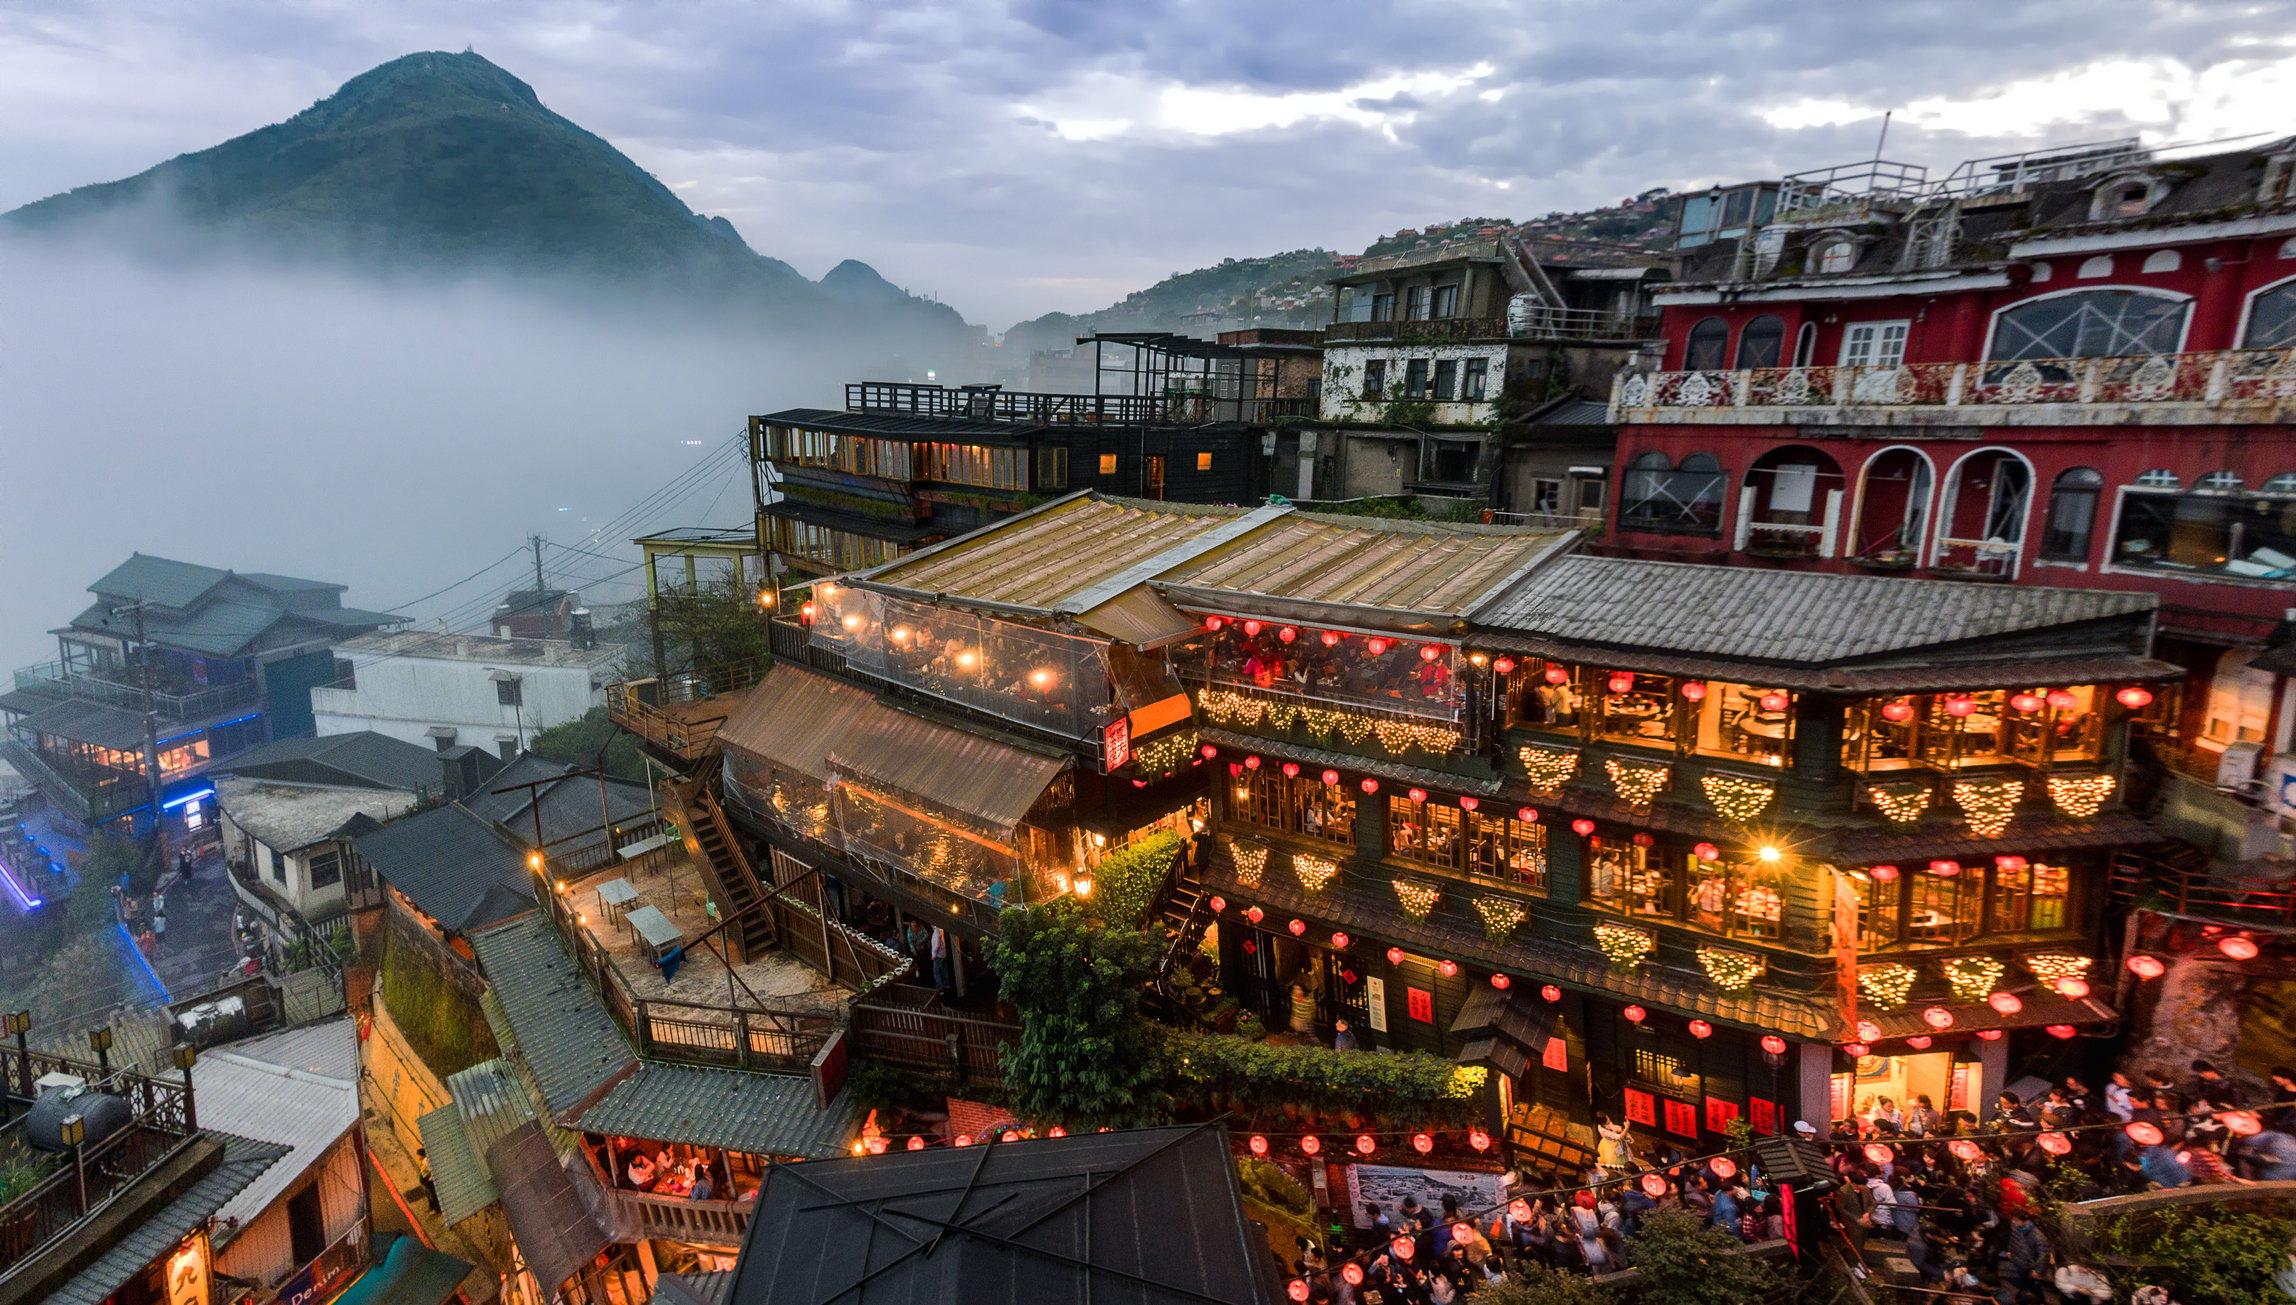 Taipei trip to mountain town